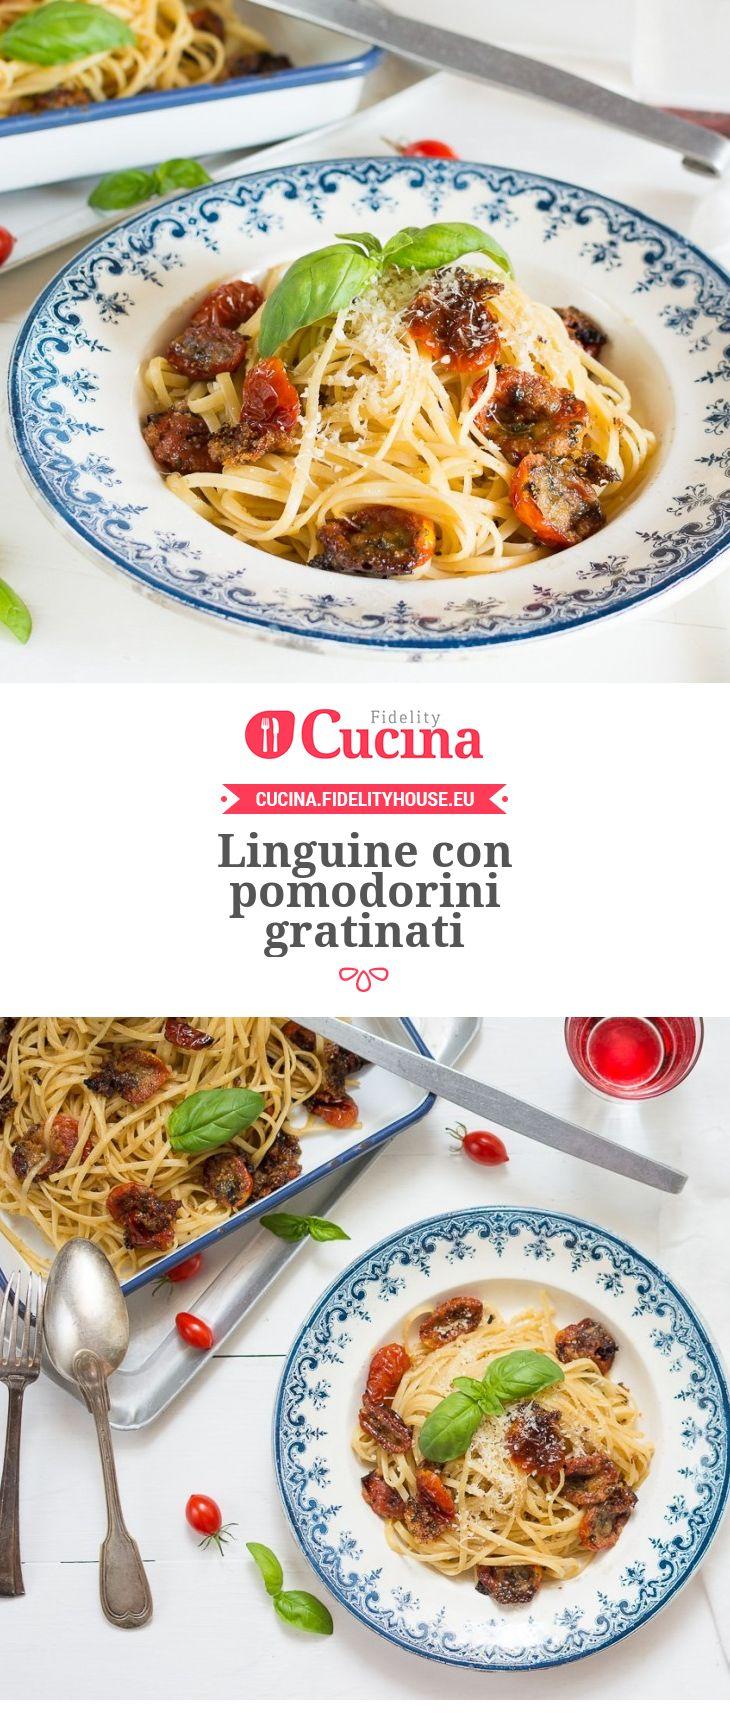 Linguine con pomodorini gratinati della nostra utente Beatrice. Unisciti alla nostra Community ed invia le tue ricette!